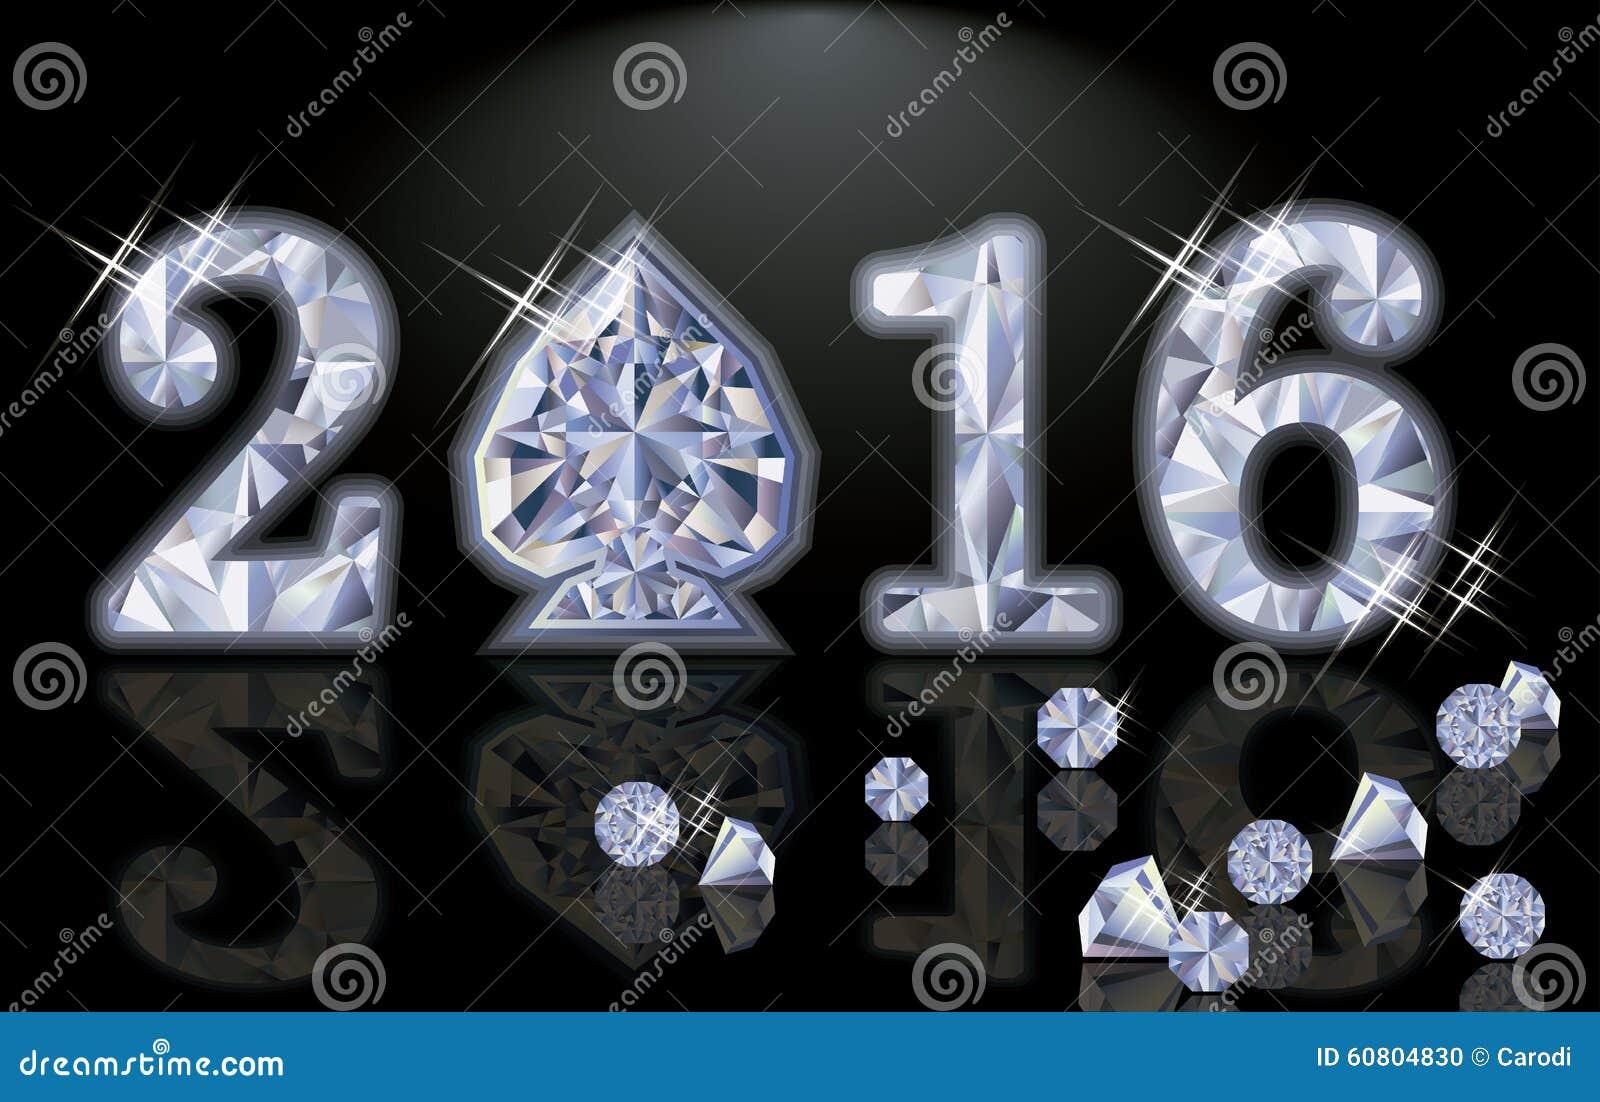 Glücklicher Diamantpoker-Spatenvektor des neuen Jahres 2016